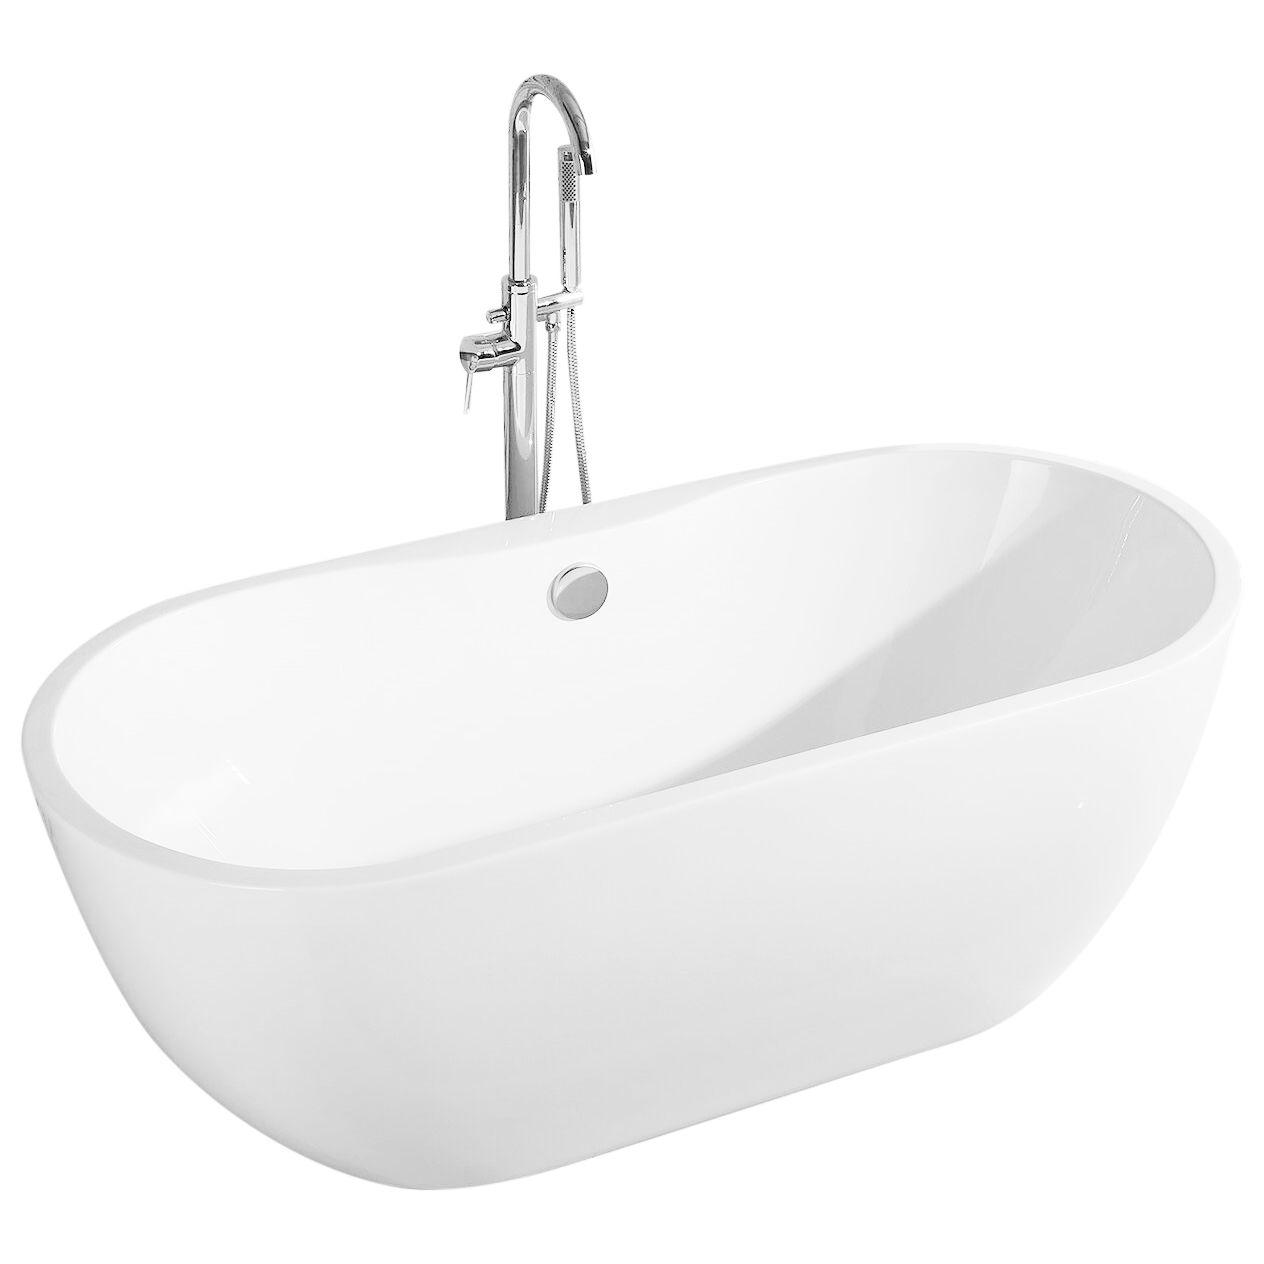 Oficjalny Sklep Marki Rea Kabiny Prysznicowe Umywalki Baterie Bathroom Bathtub